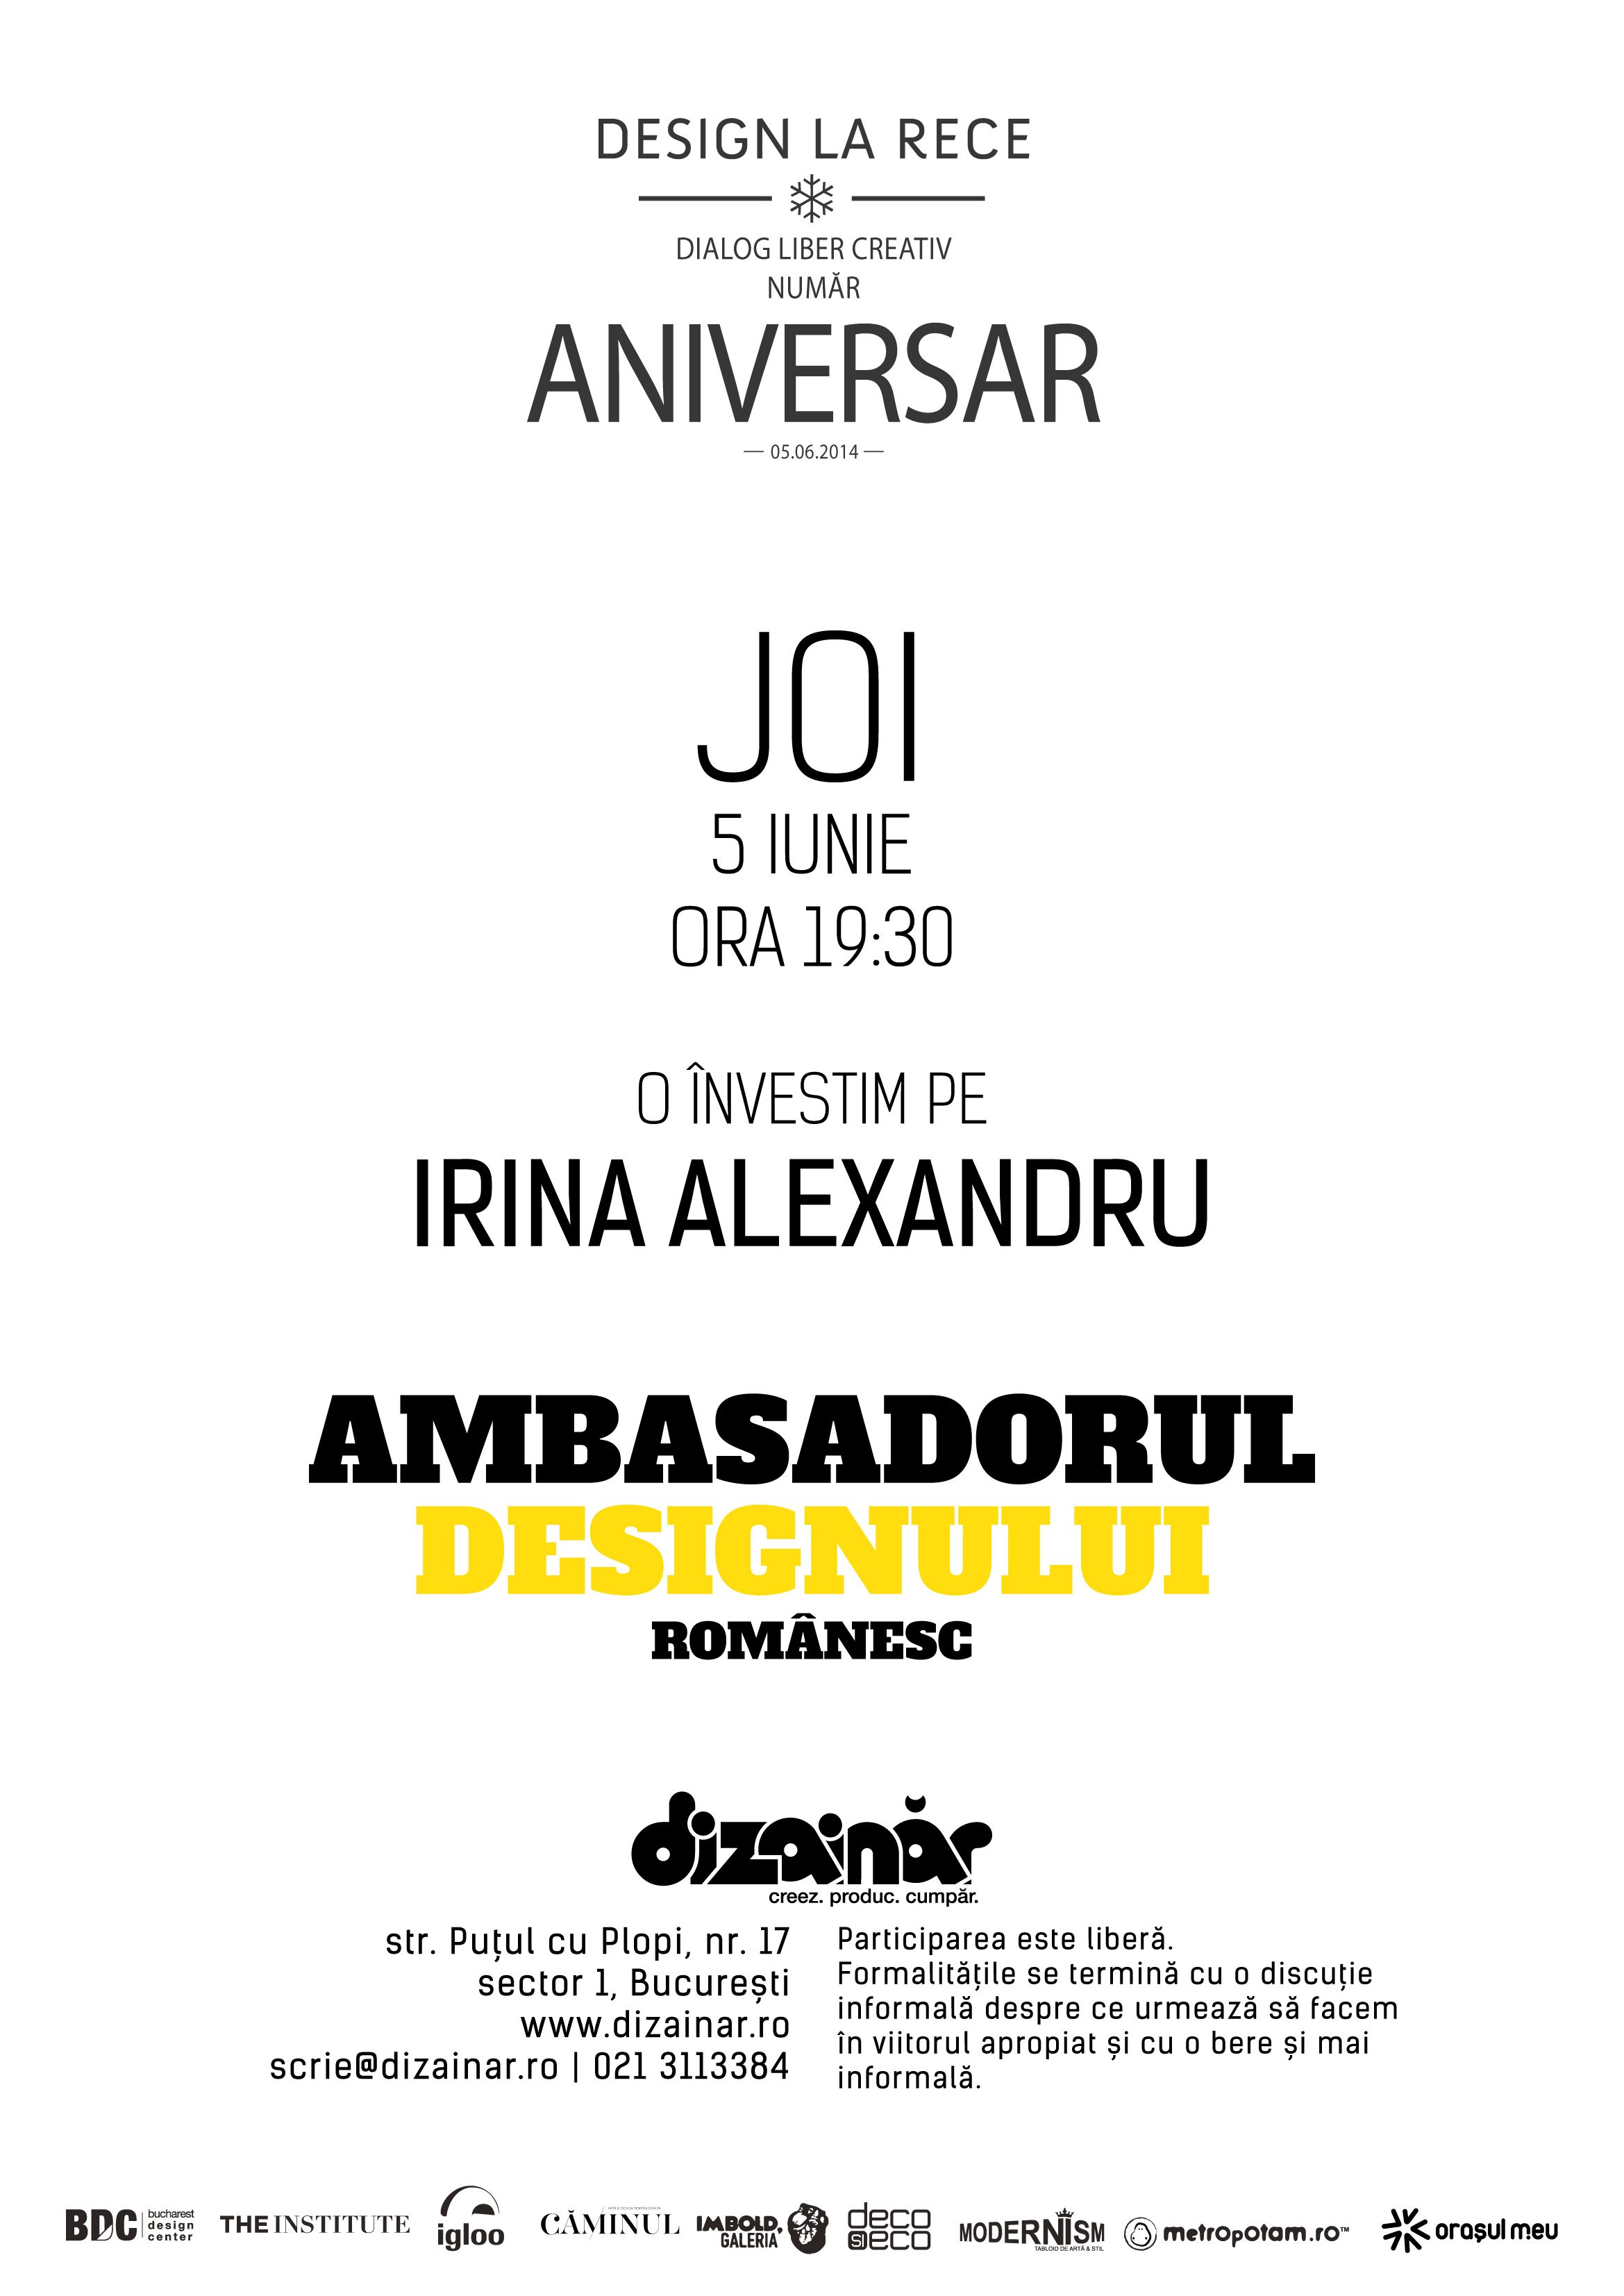 Invitație DLR #aniversar | Învestirea Ambasadorului Designului Românesc